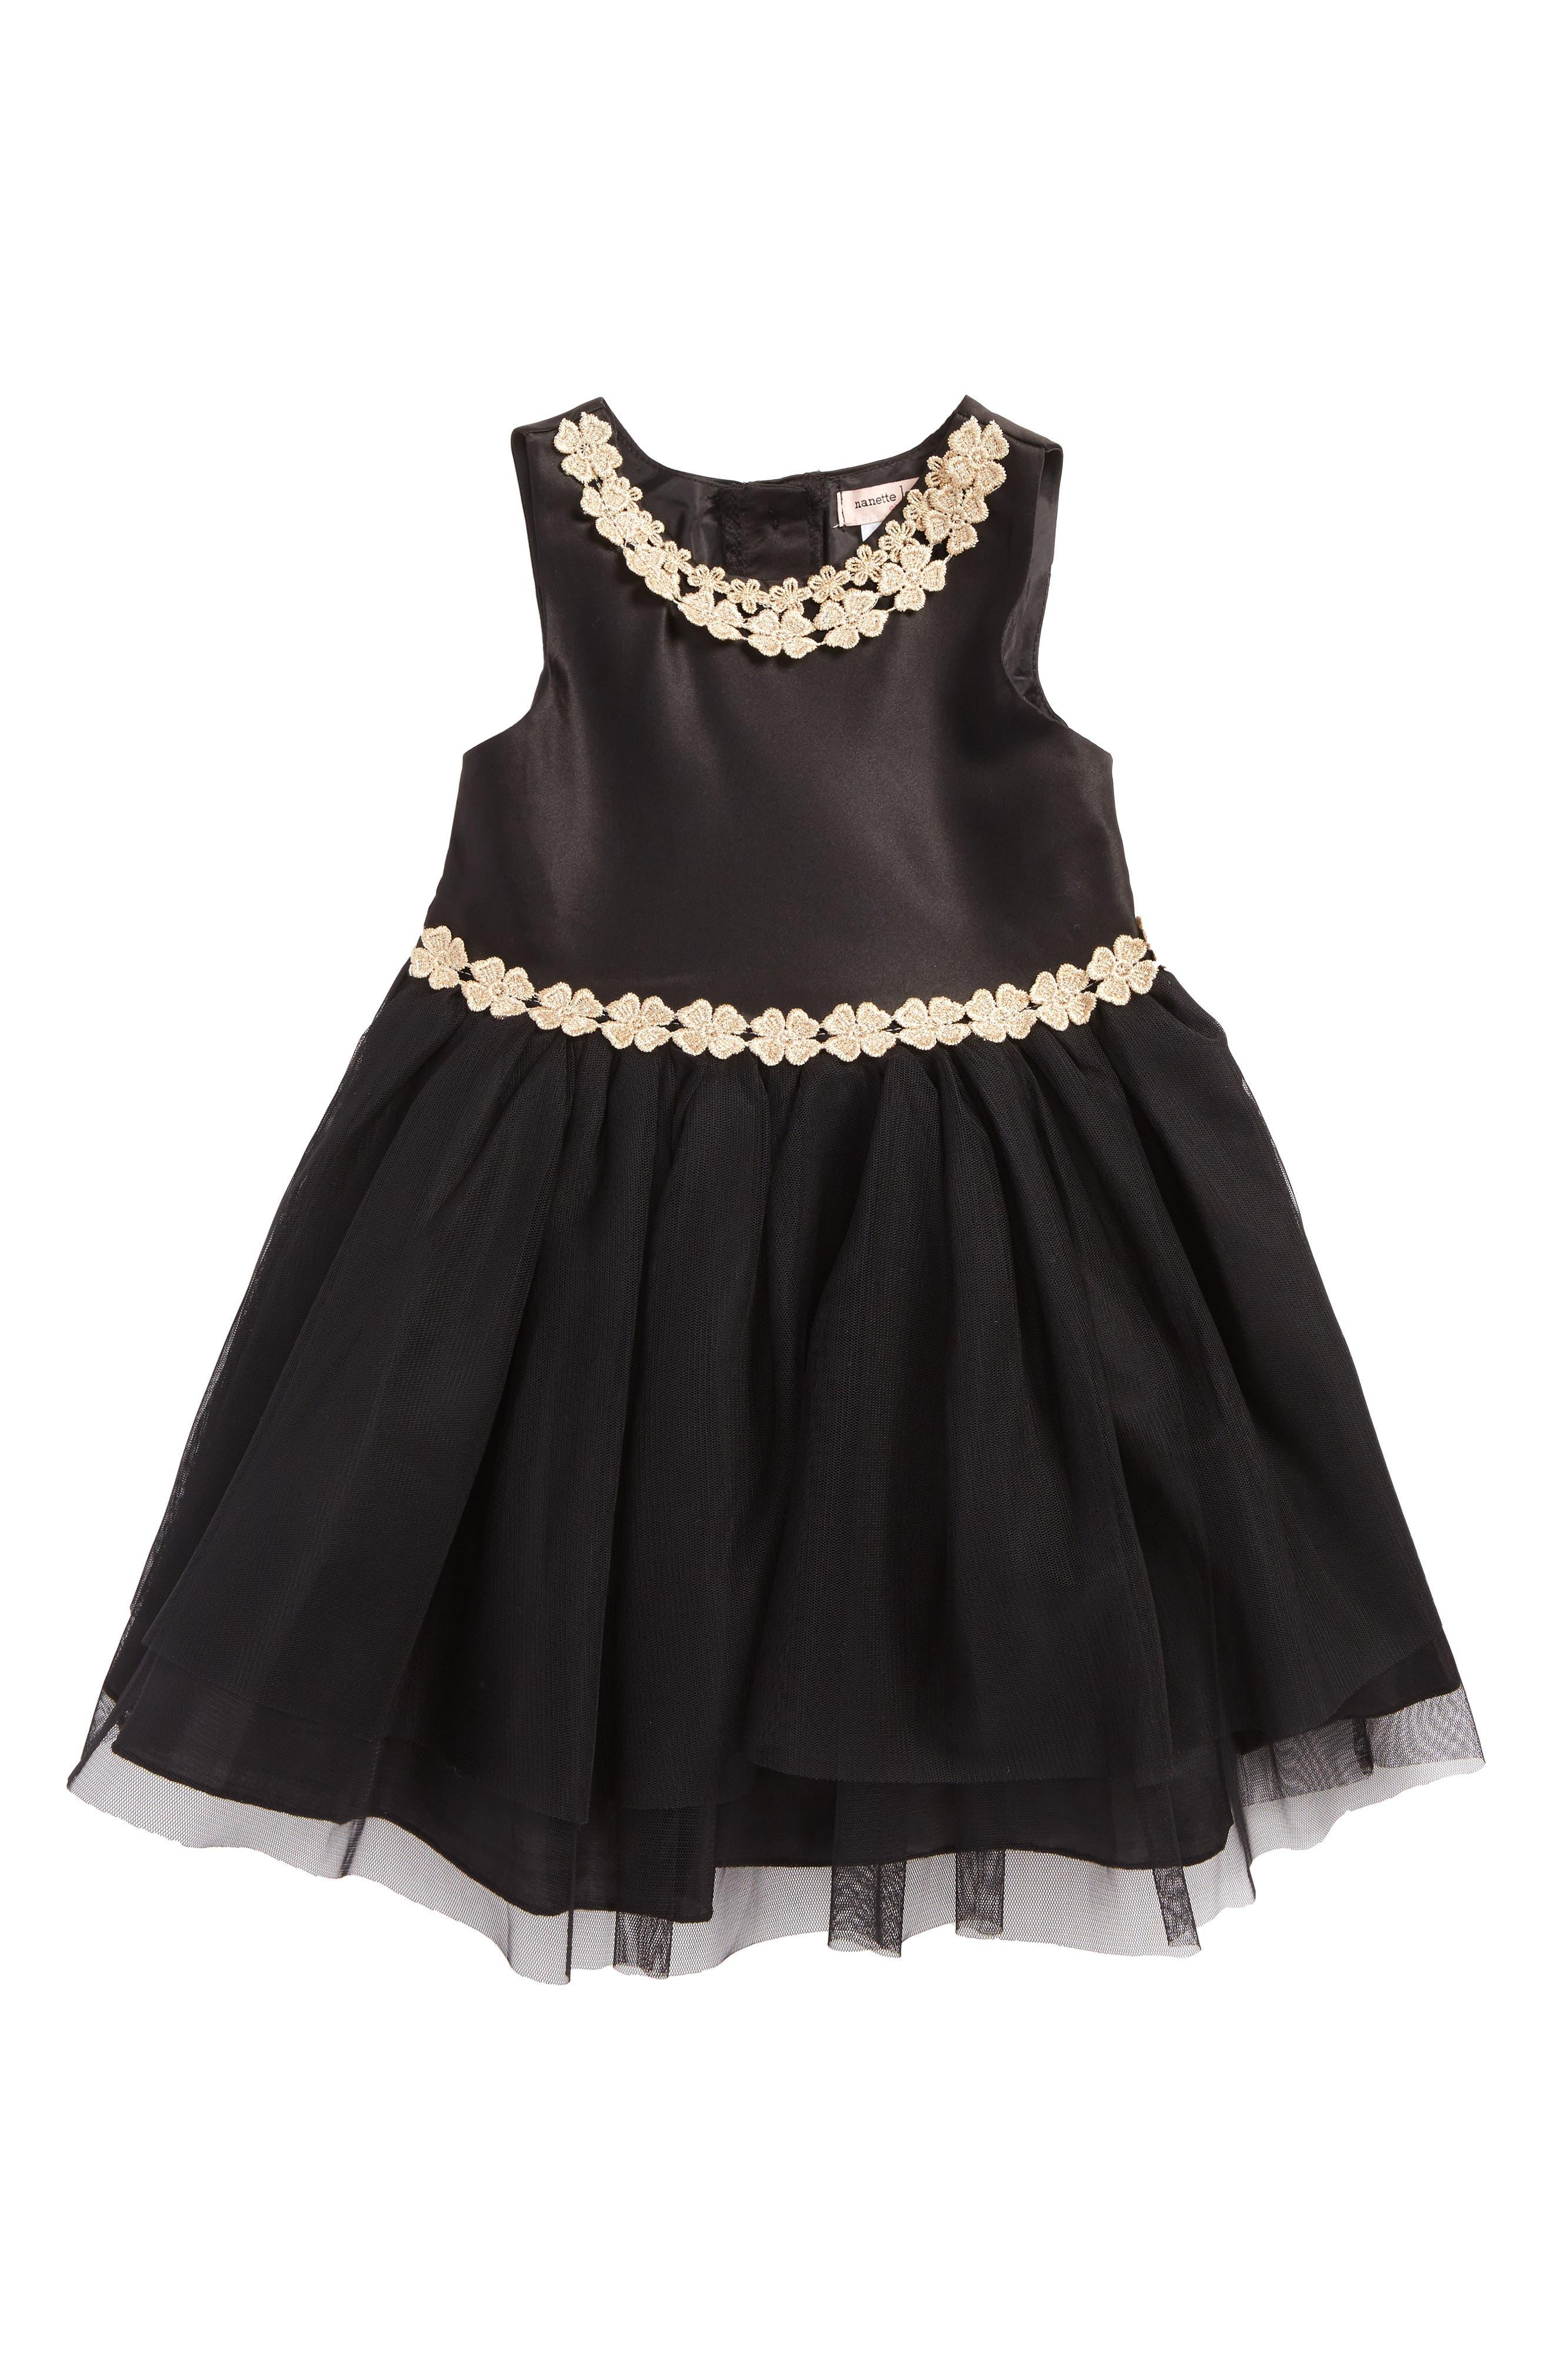 Alternate Image 1 Selected - Nanette Lepore Satin & Tulle Dress (Baby Girls)